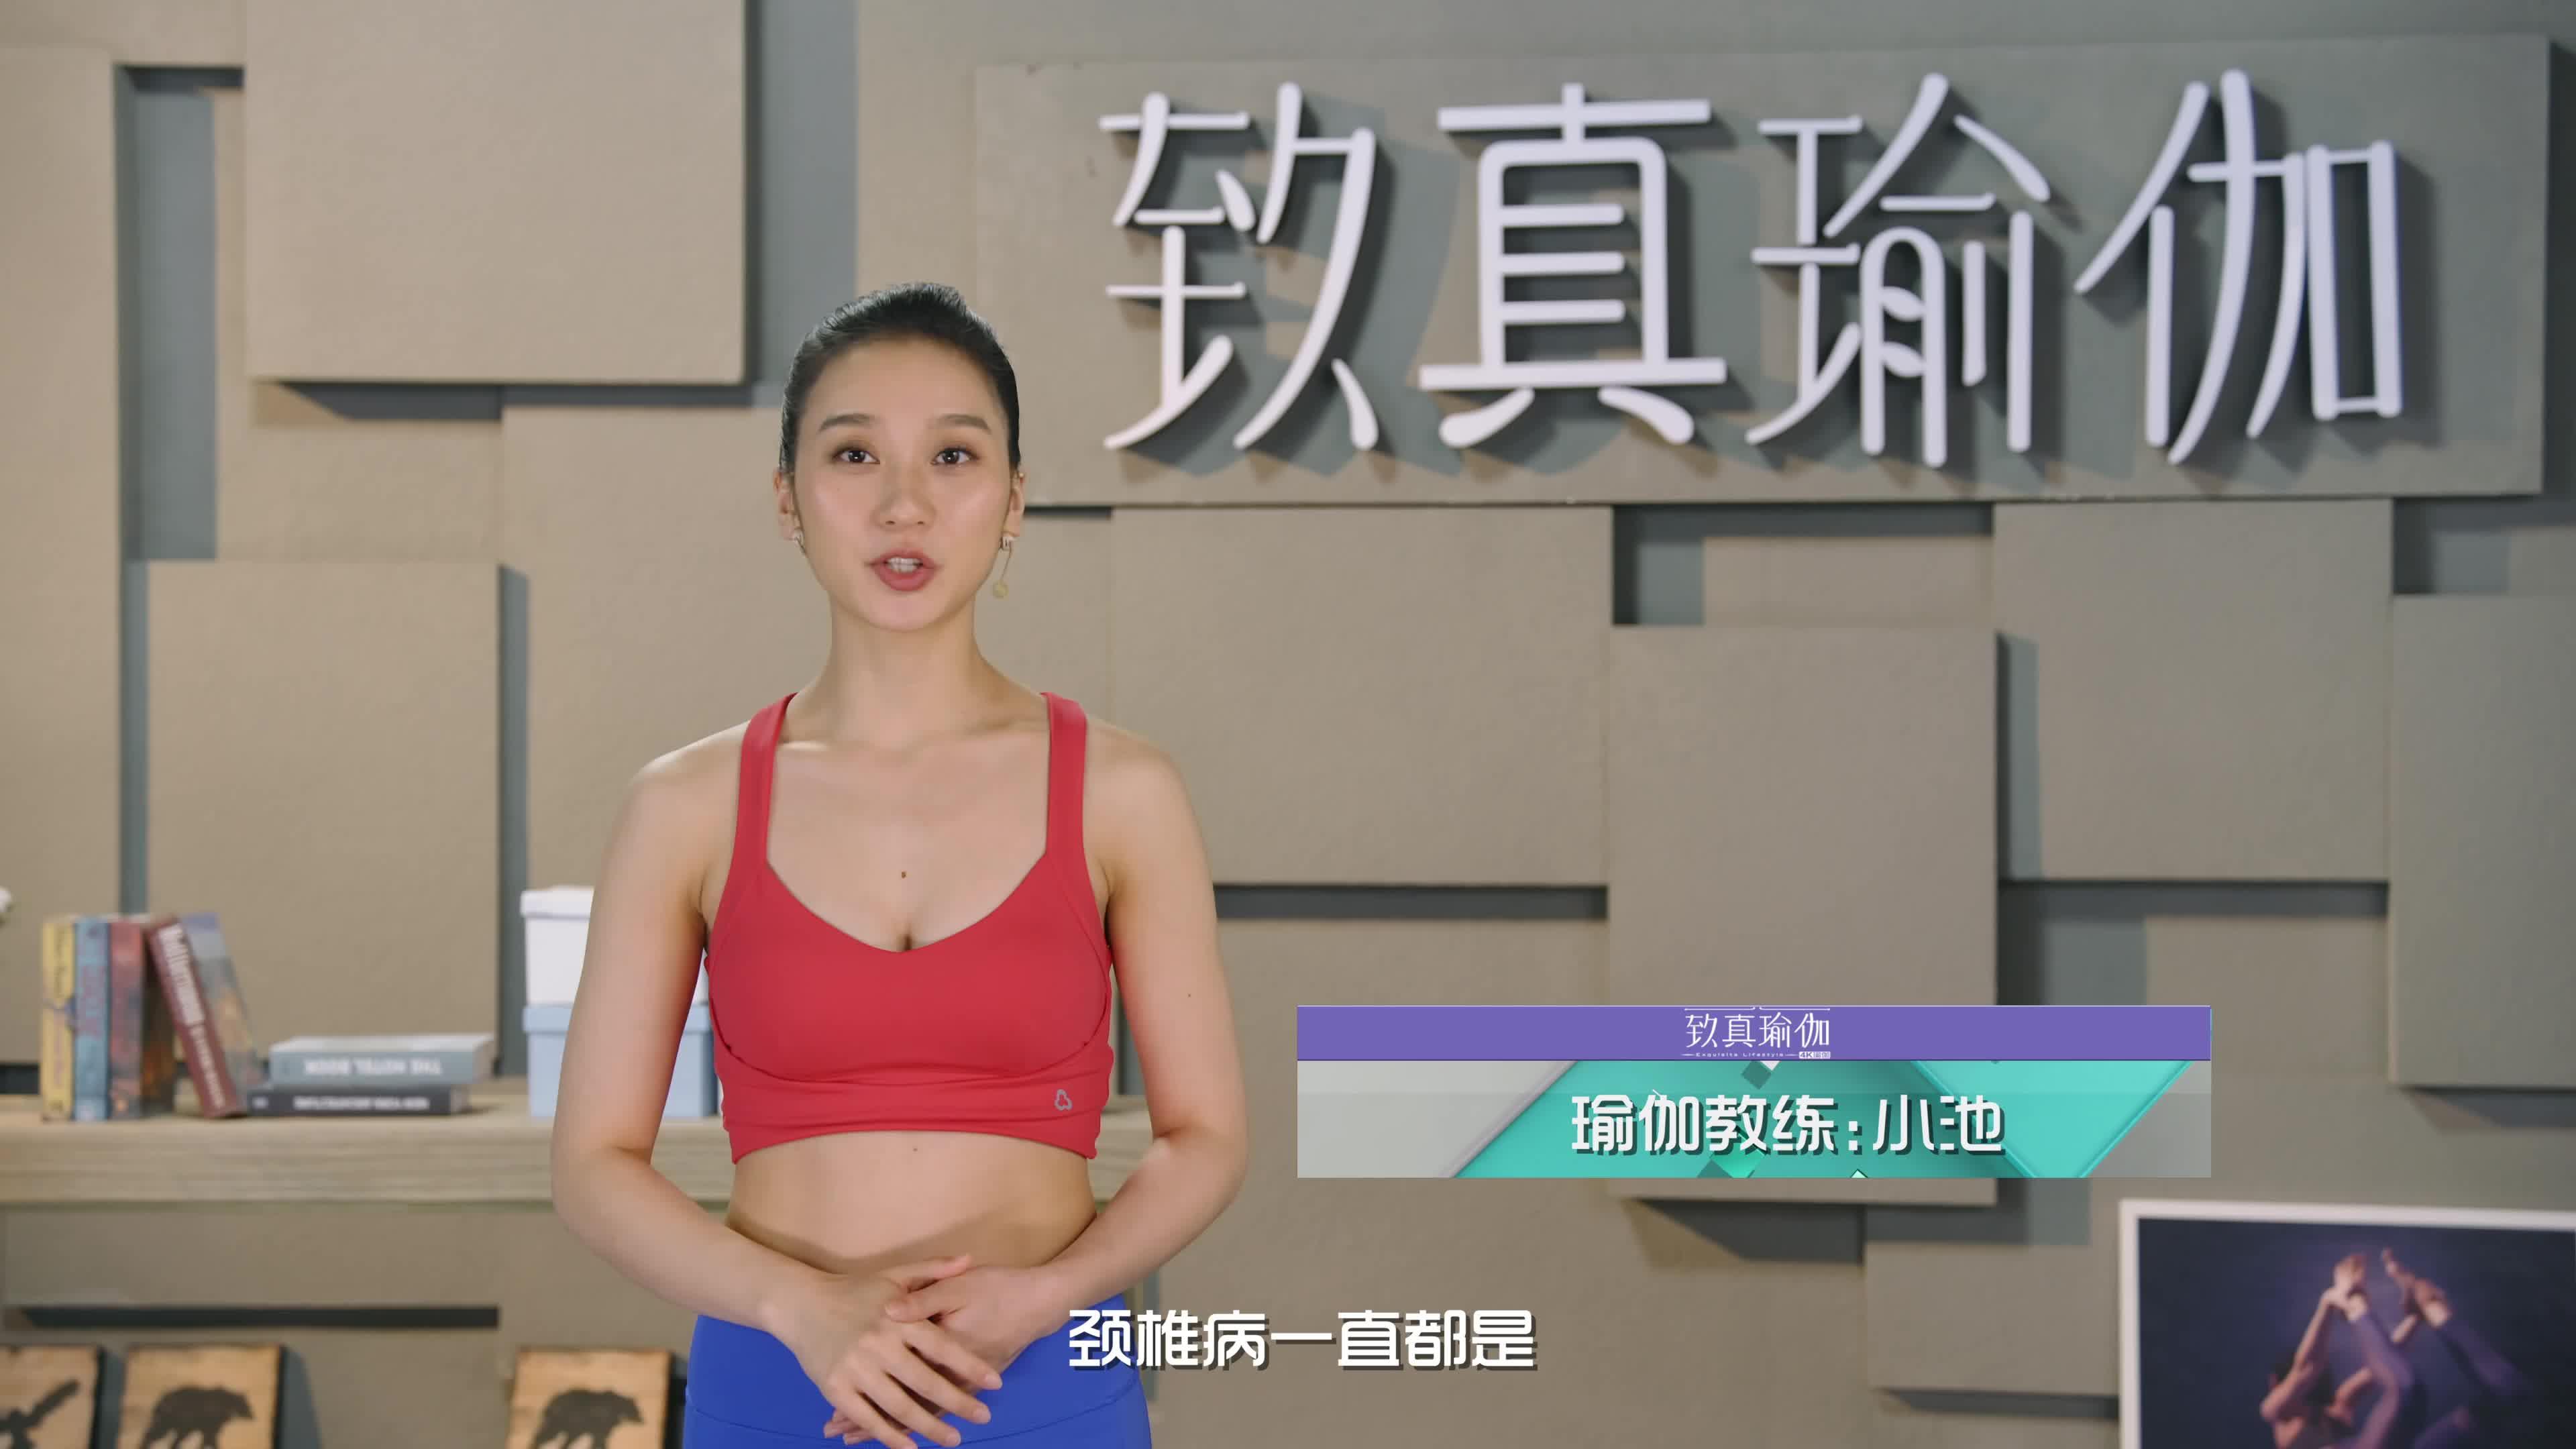 致真瑜伽第13季 系列三十五完美体质打造计划 强健颈椎脊柱